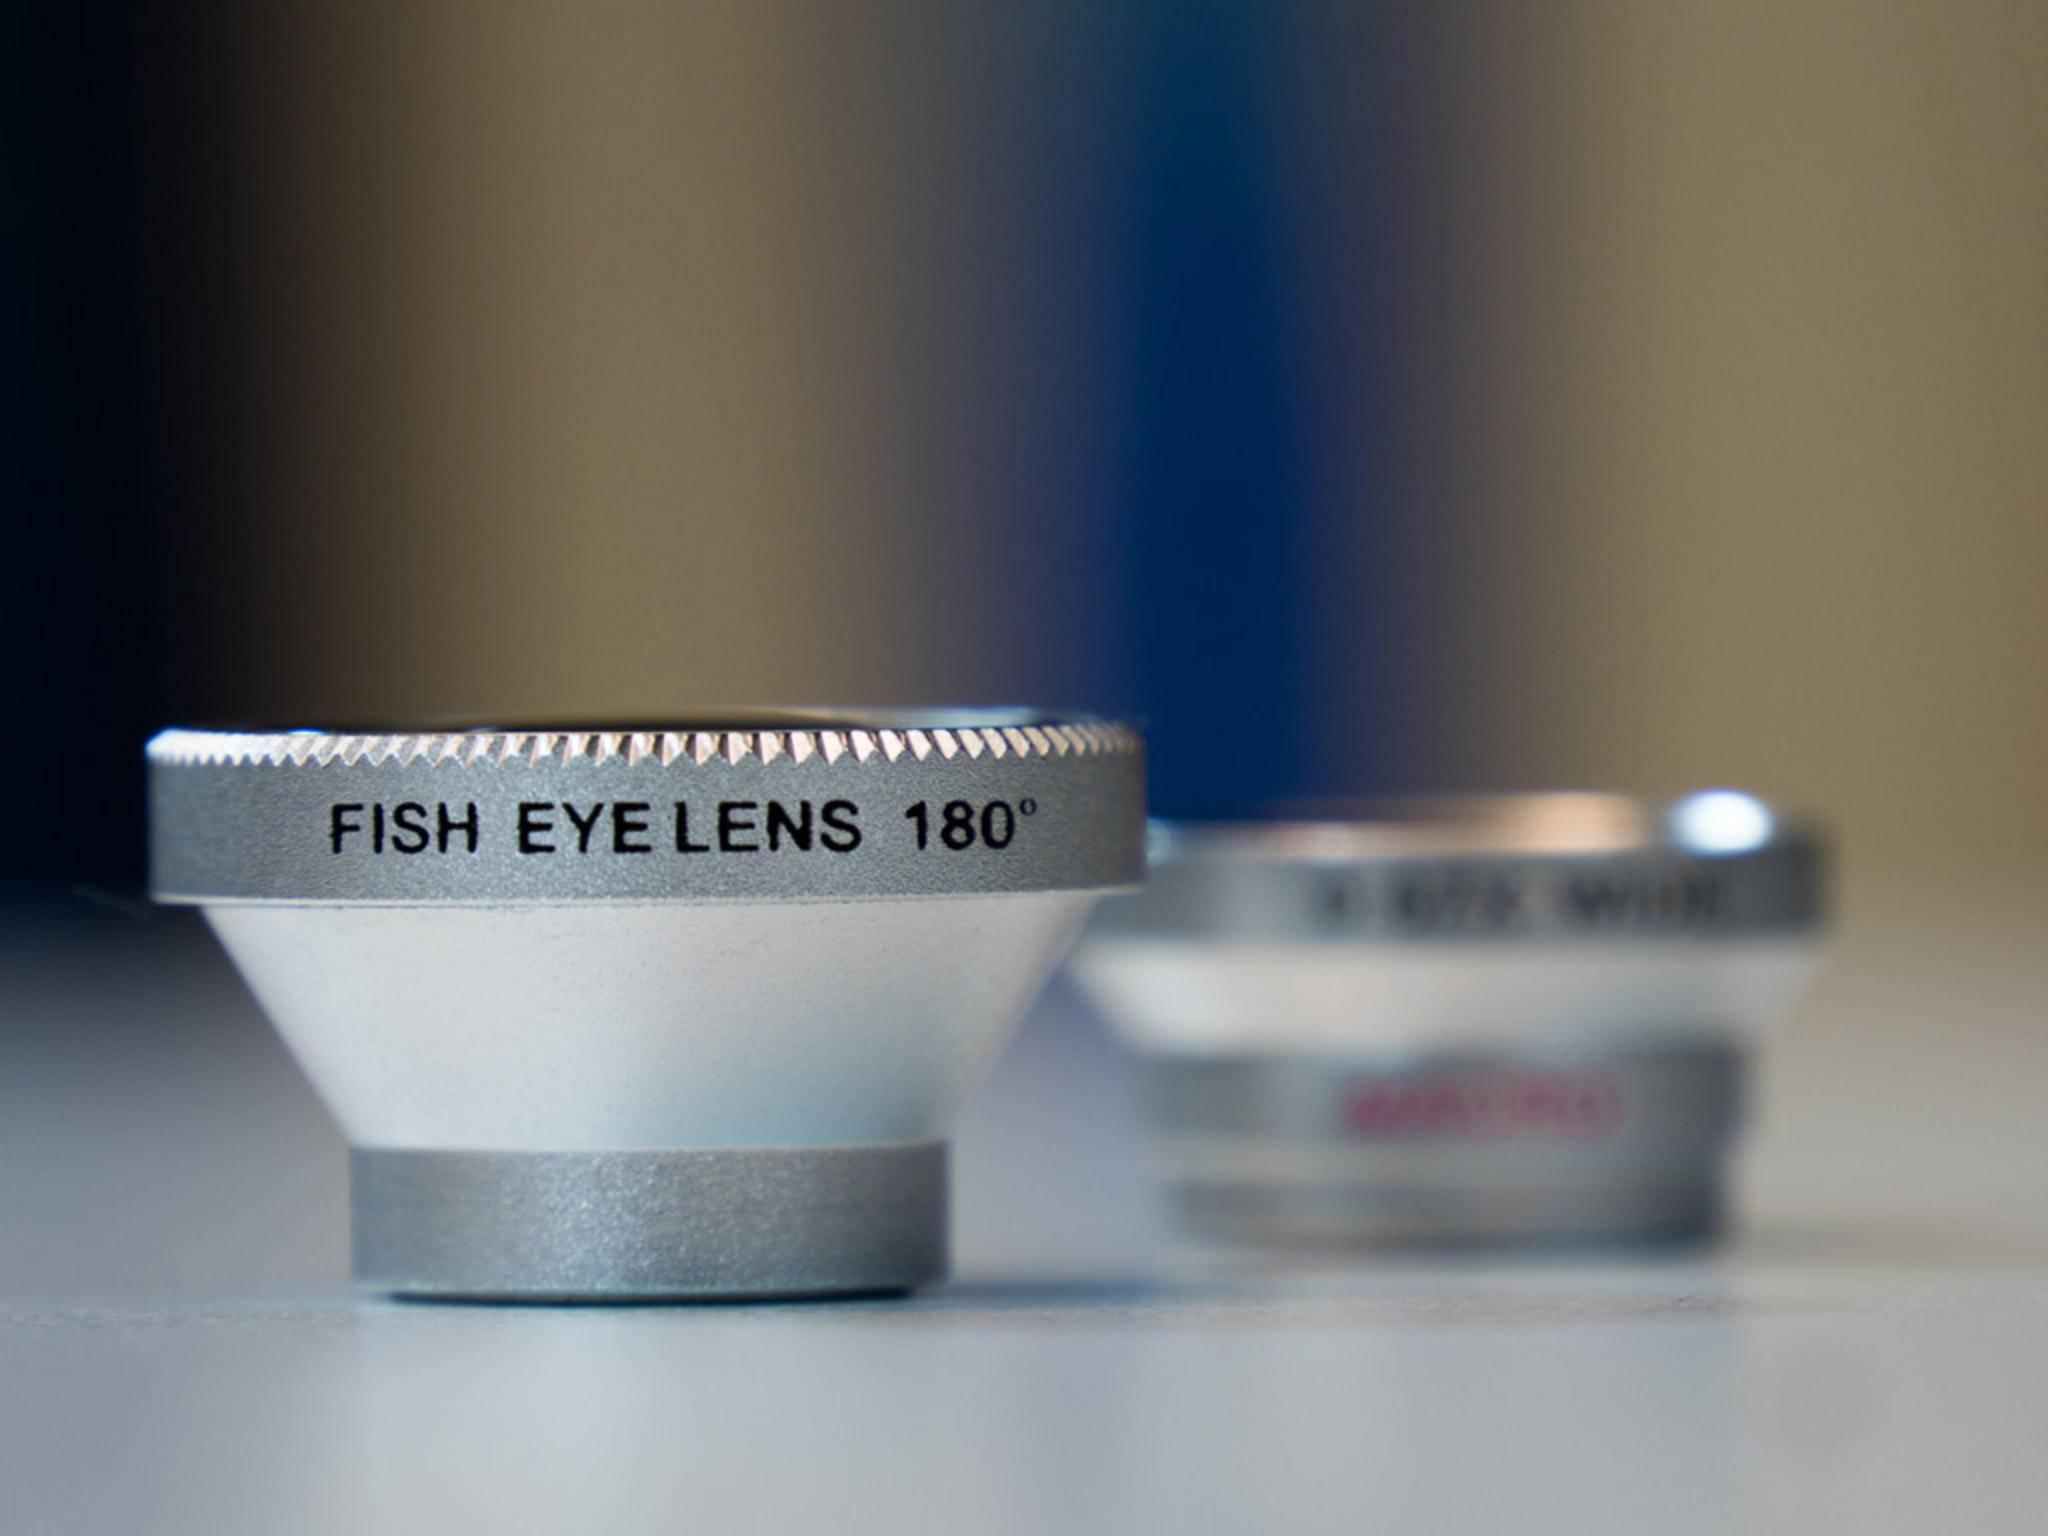 Walimex bietet ein Fischaugen-Objektiv und ein kombiniertes Objektiv aus Makro und Weitwinkel.